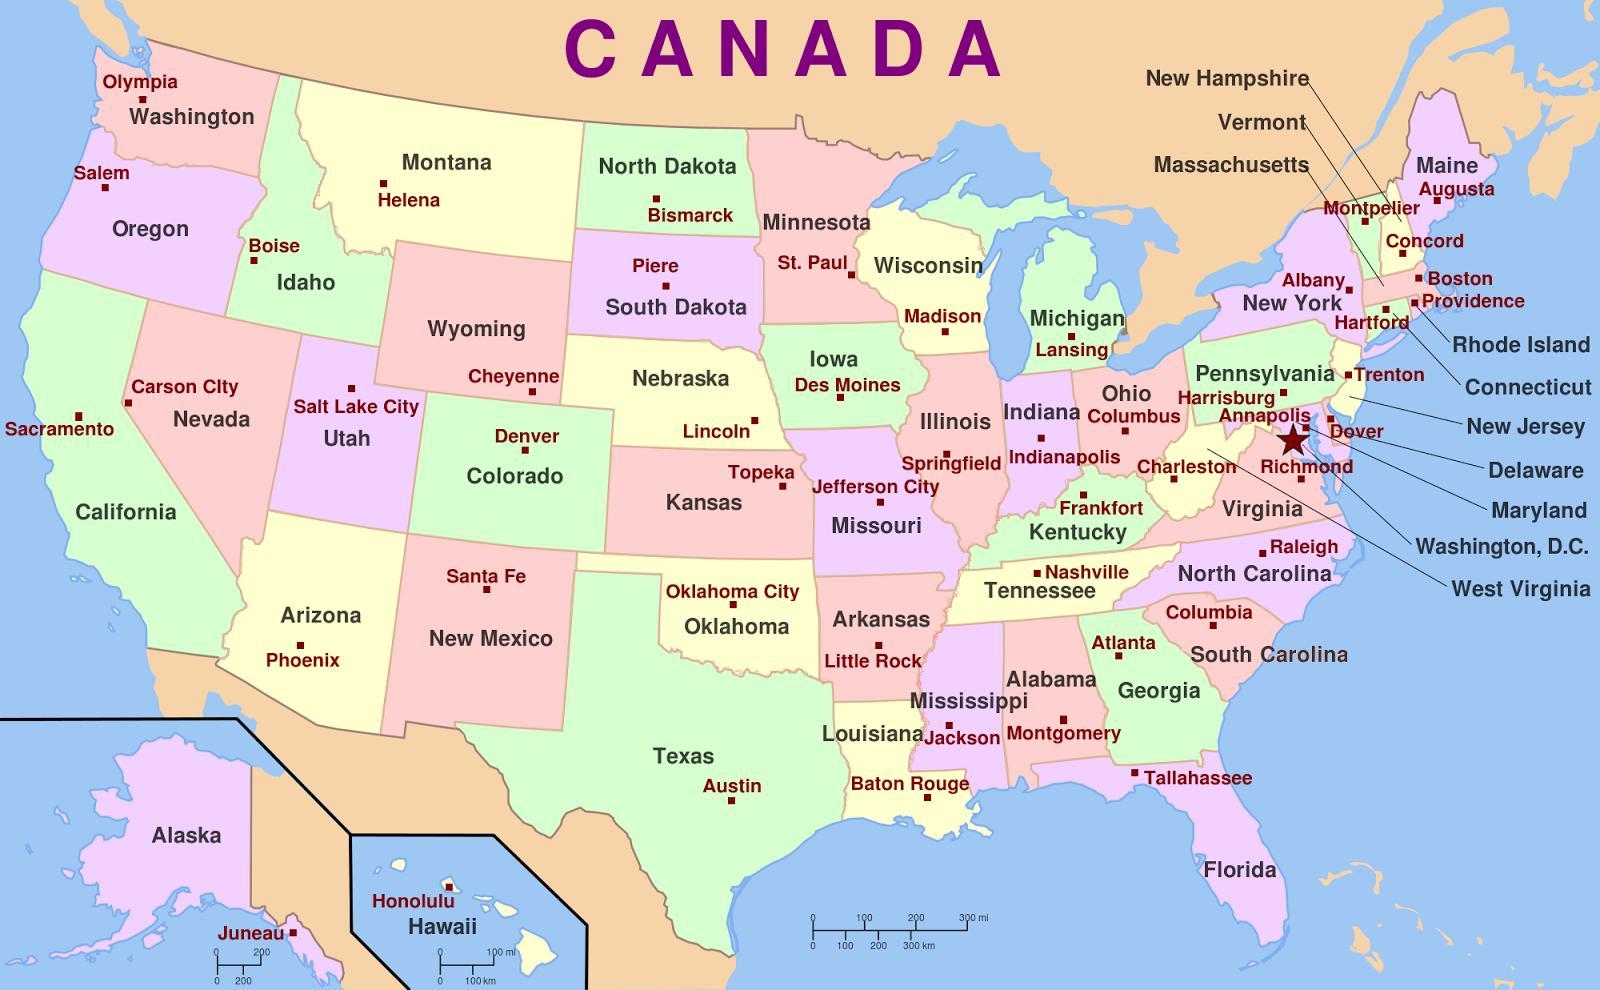 Kort Over Usa Og Hovedstaeder Usa Stater Og Hovedstaeder Kort